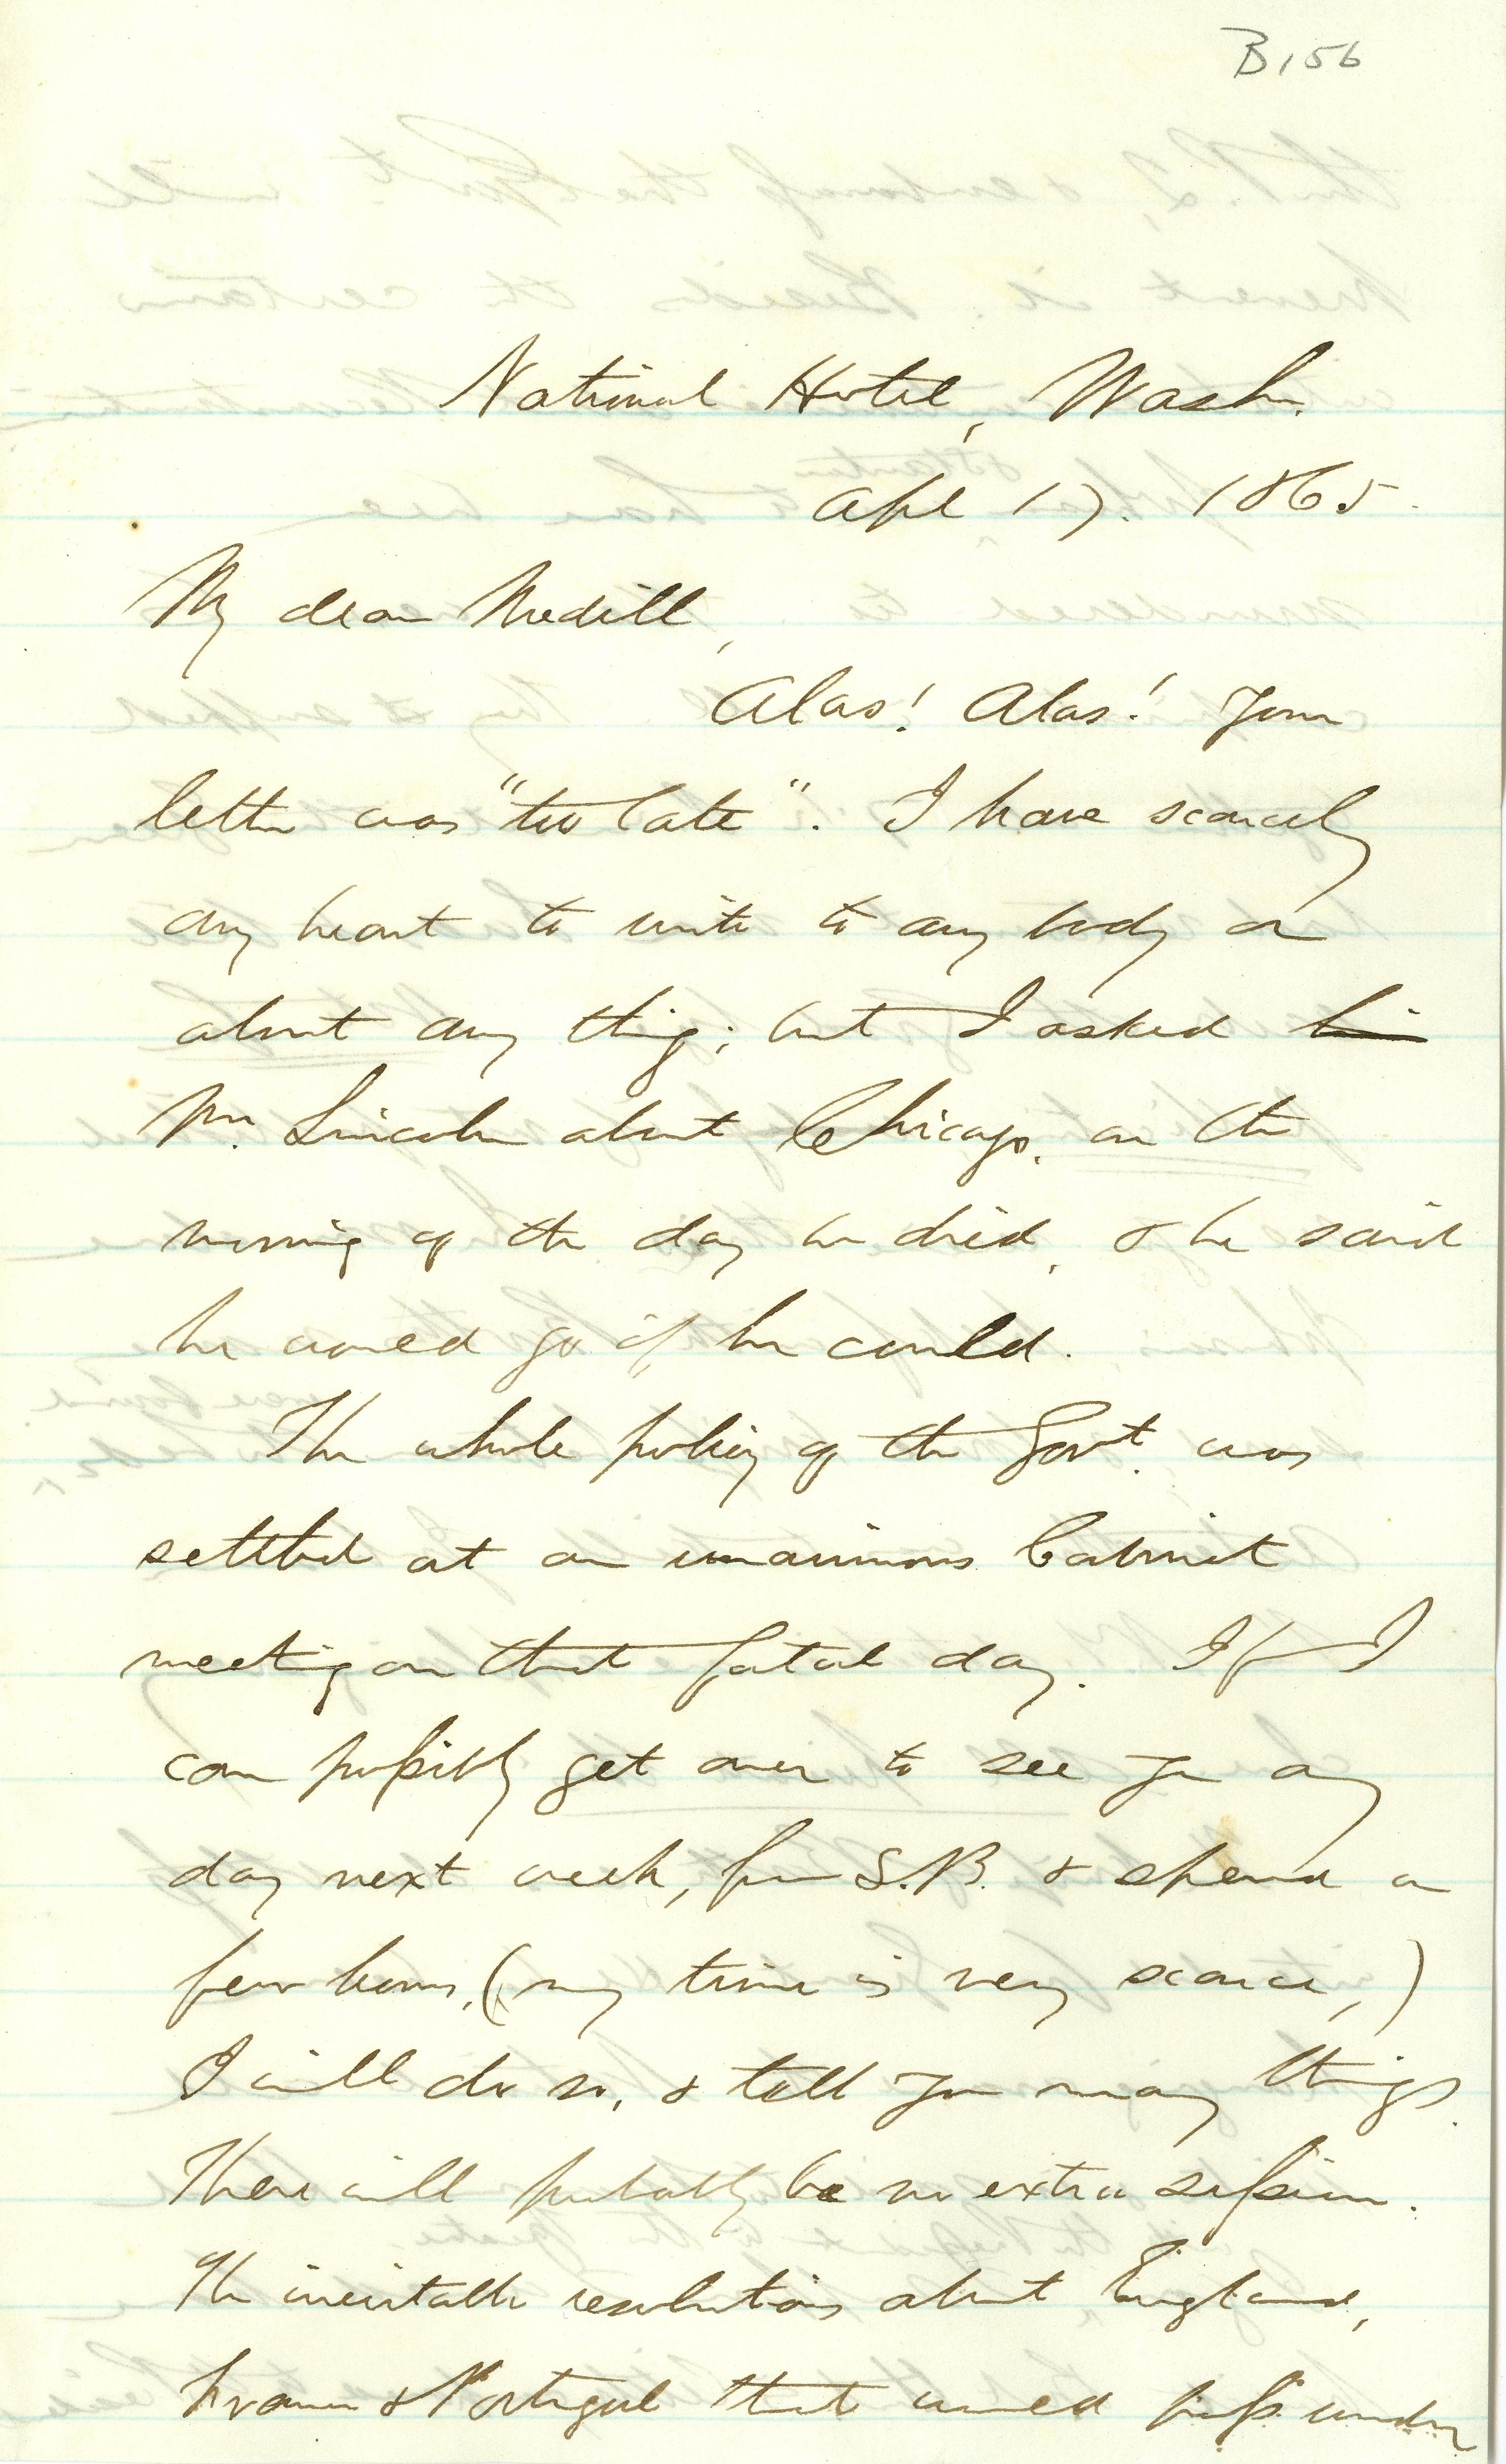 Handwritten letter to Joseph Medill from Schuyler Colfax